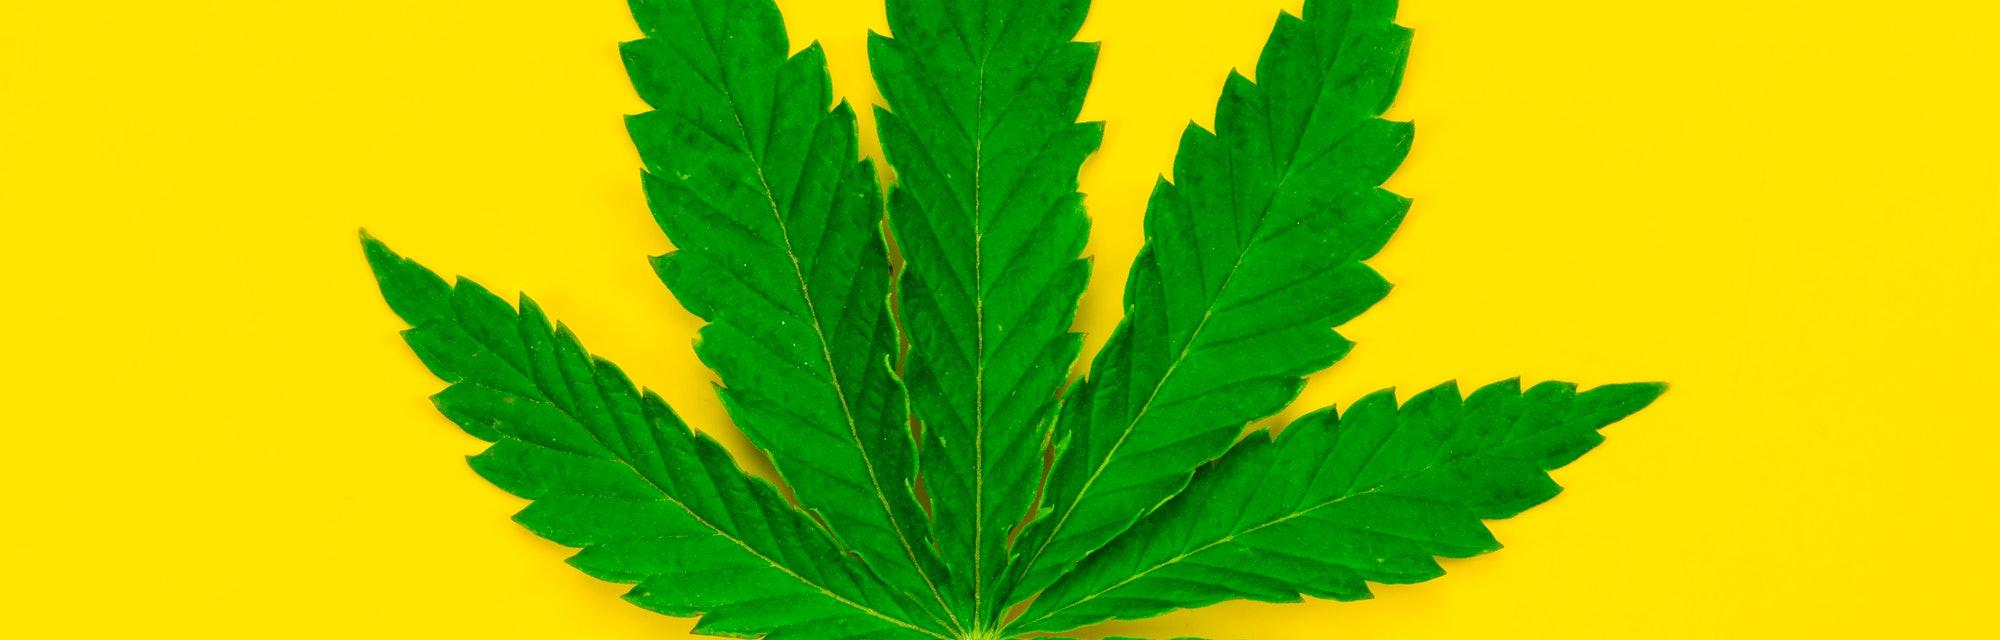 Marijuana leaf on yellow background